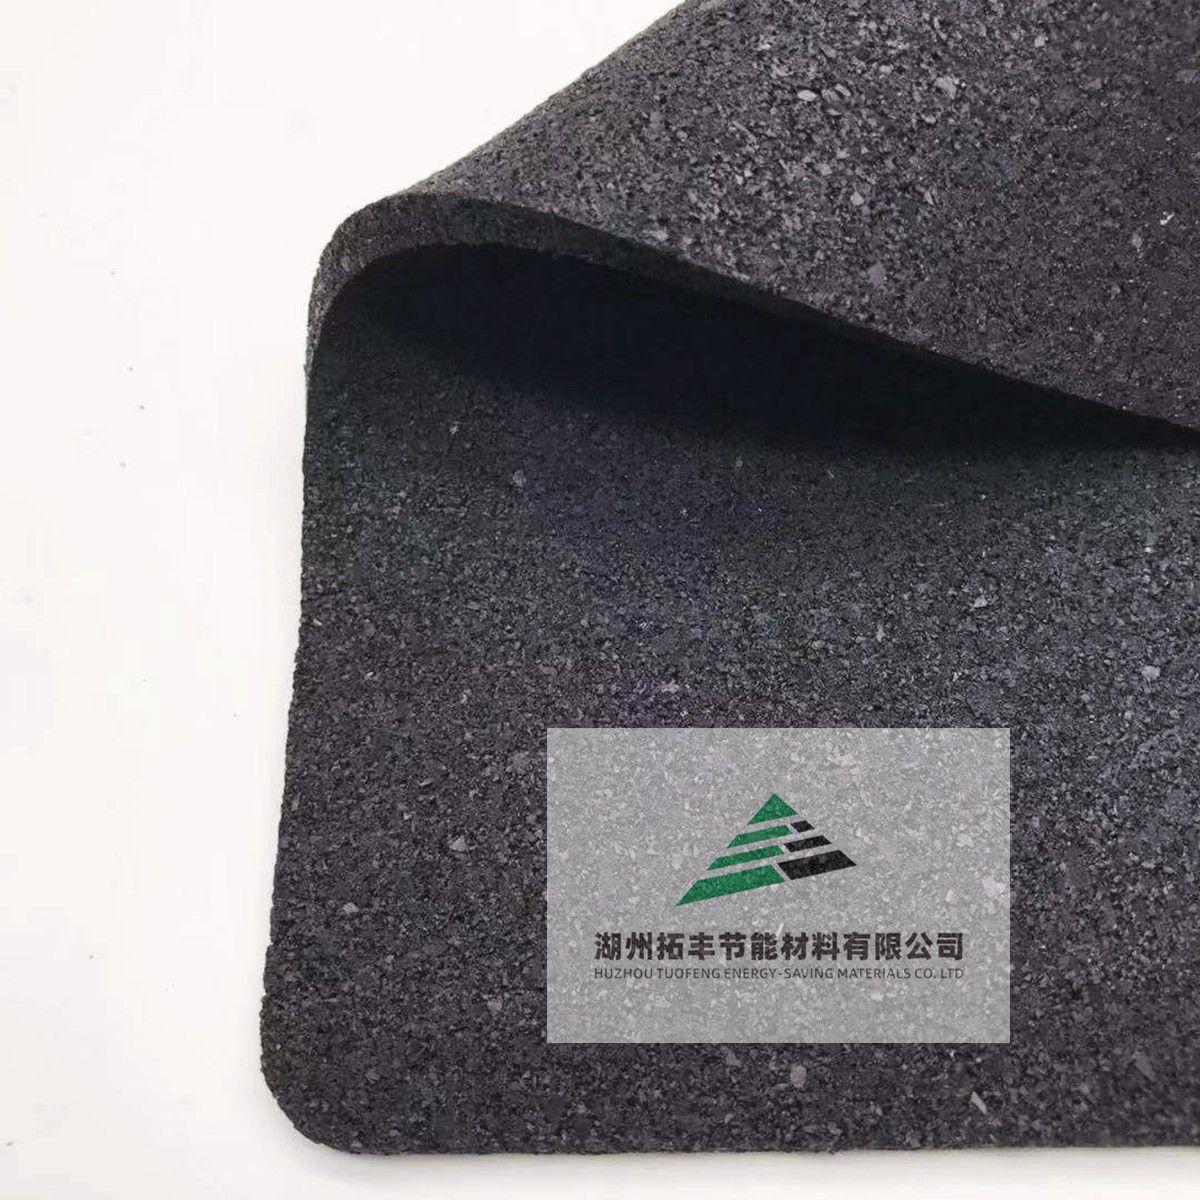 橡胶隔音垫,橡胶减震垫,橡胶隔音减震垫,聚氨酯橡胶隔音垫,橡胶颗粒隔音垫,橡胶减振垫,橡胶垫,浮筑楼板隔音减振垫